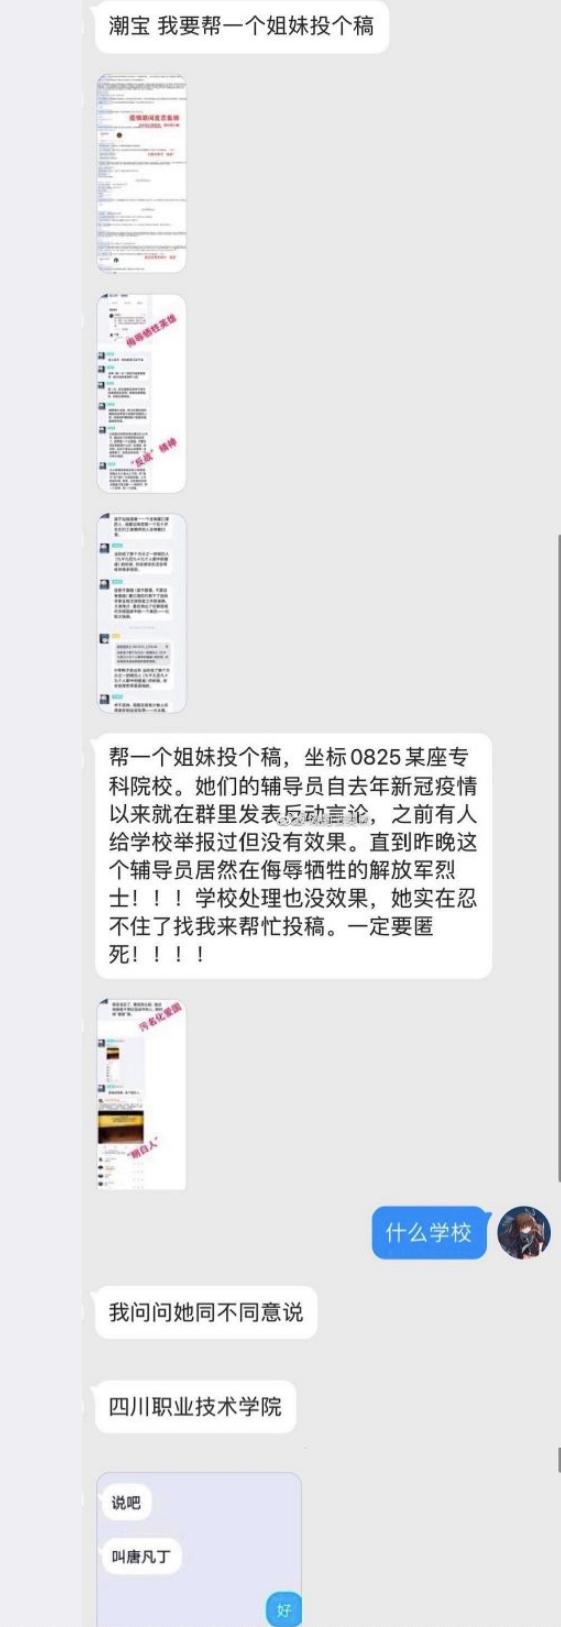 網傳舉報截圖顯示,該教師是四川職業技術學院一輔導員唐凡丁。(微博截圖)